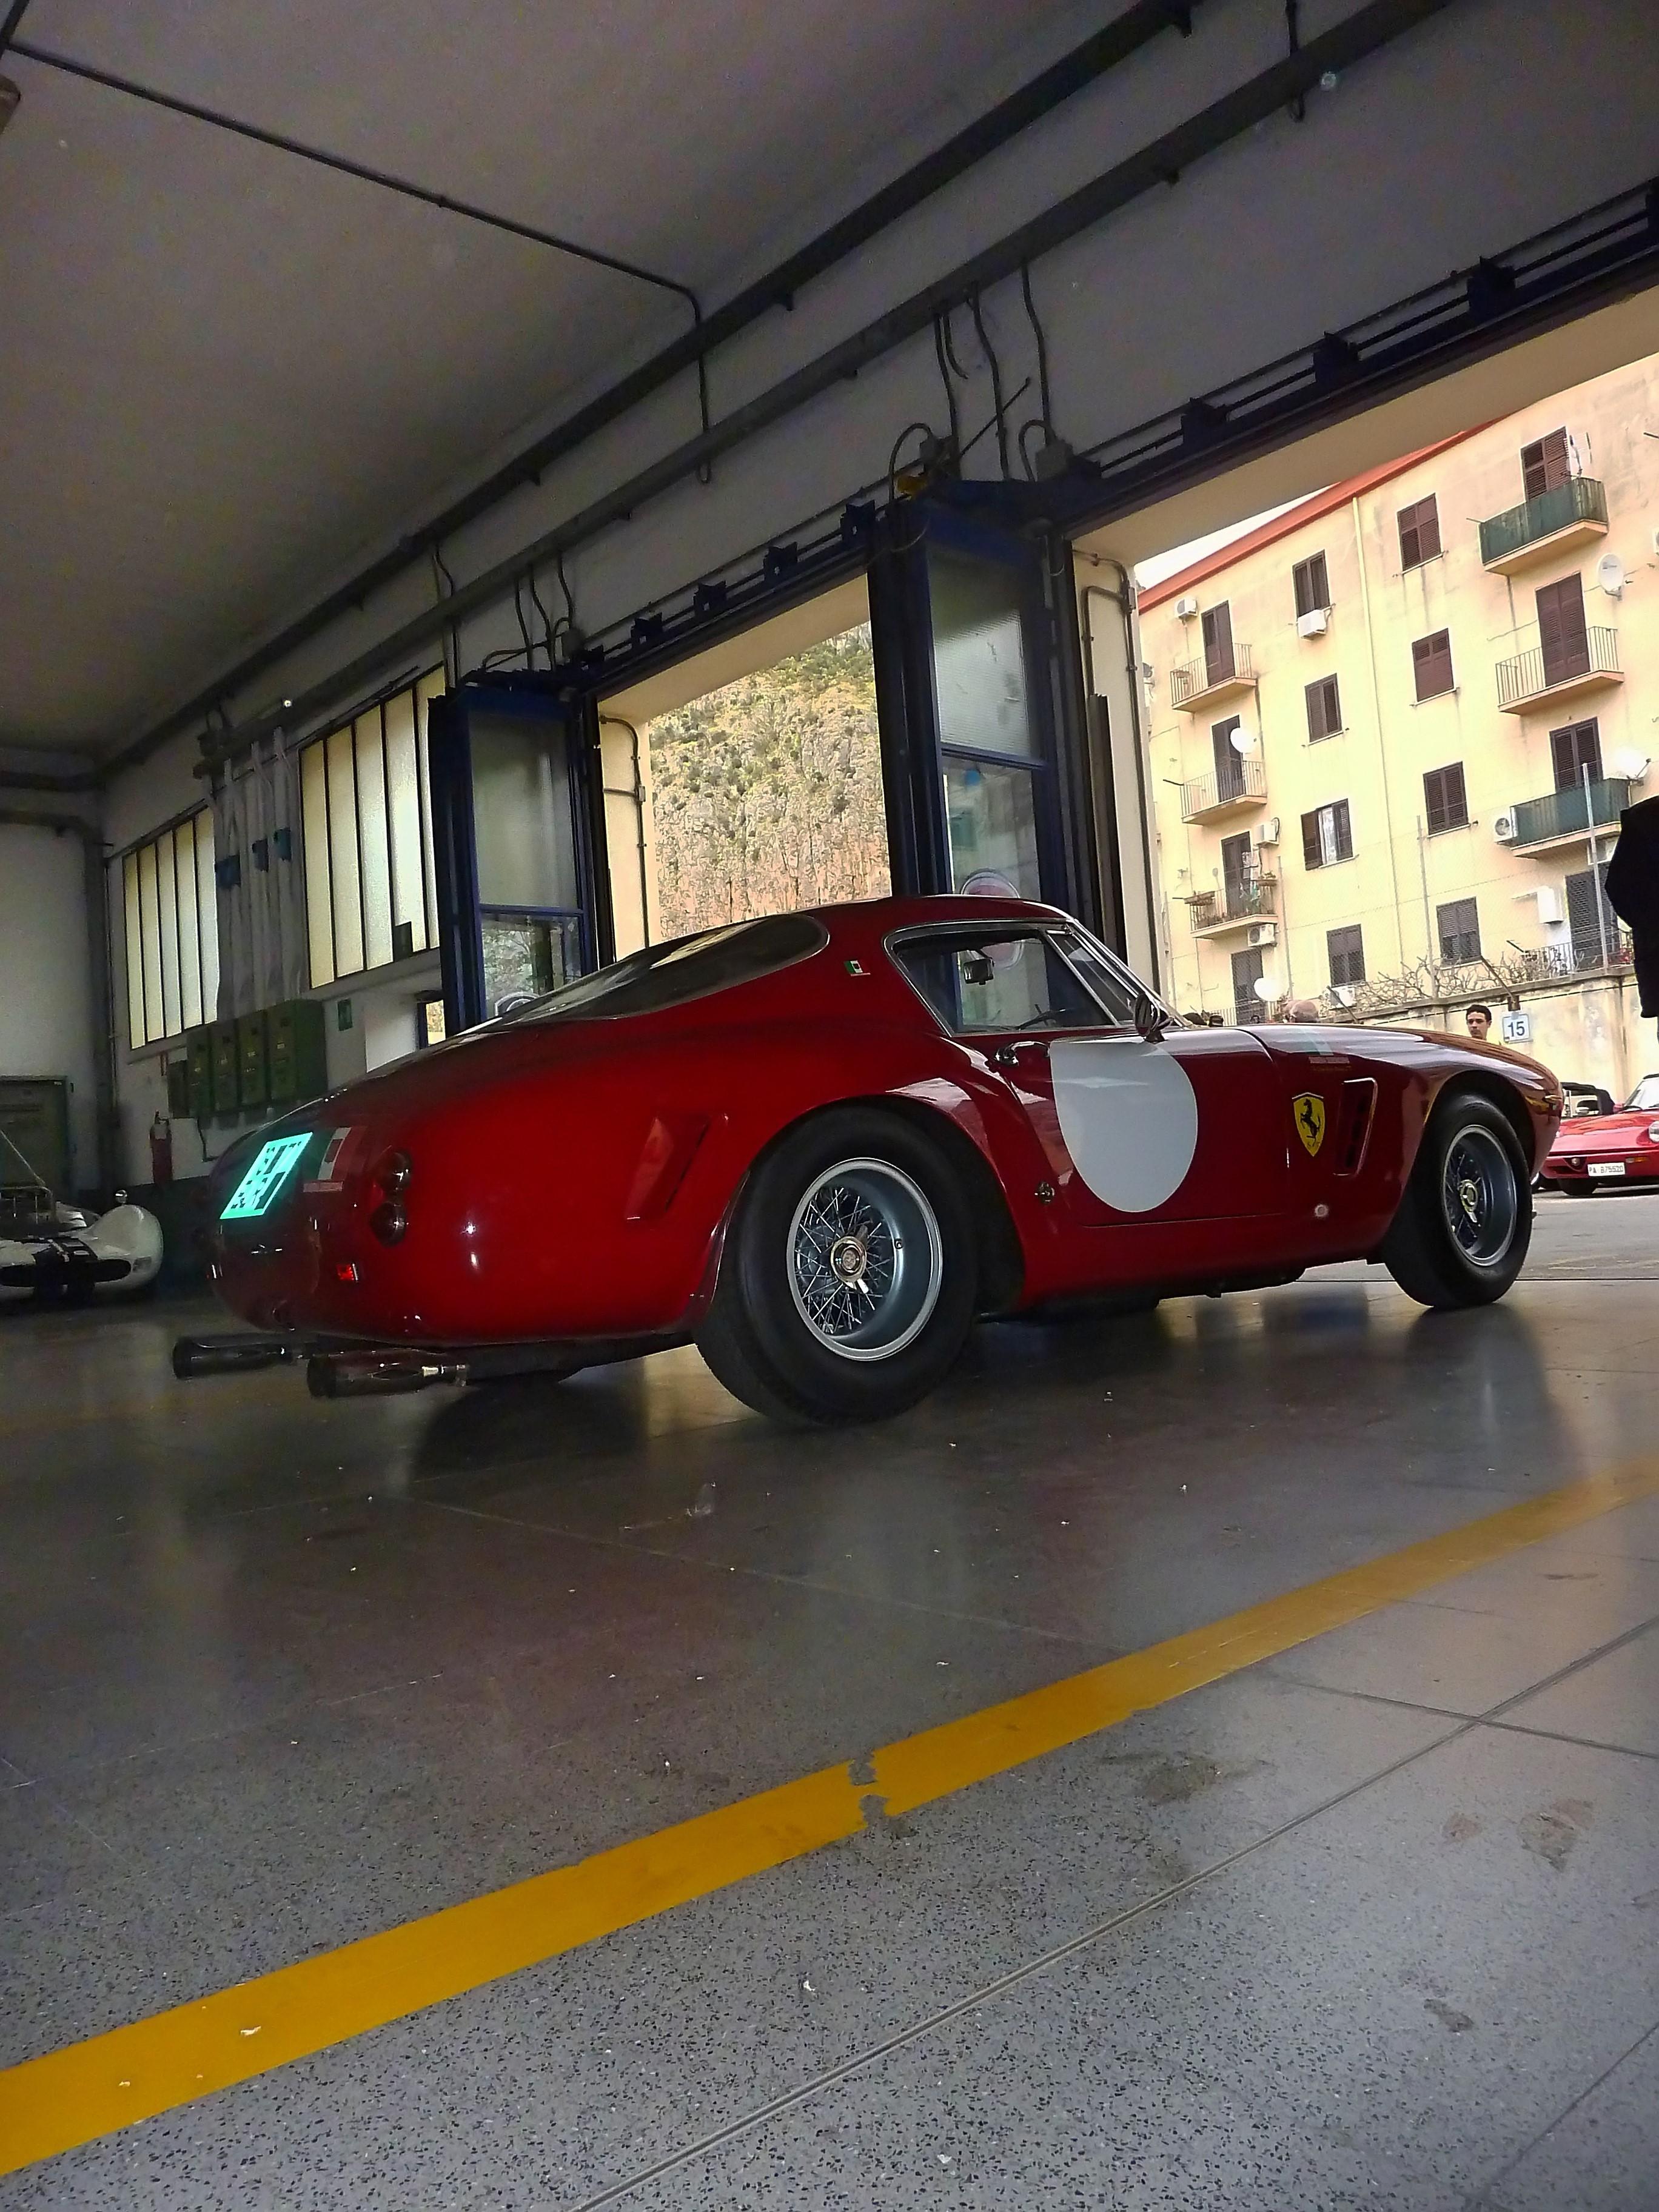 1961 Ferrari 250 GT SWB #2701 (89)_filtered